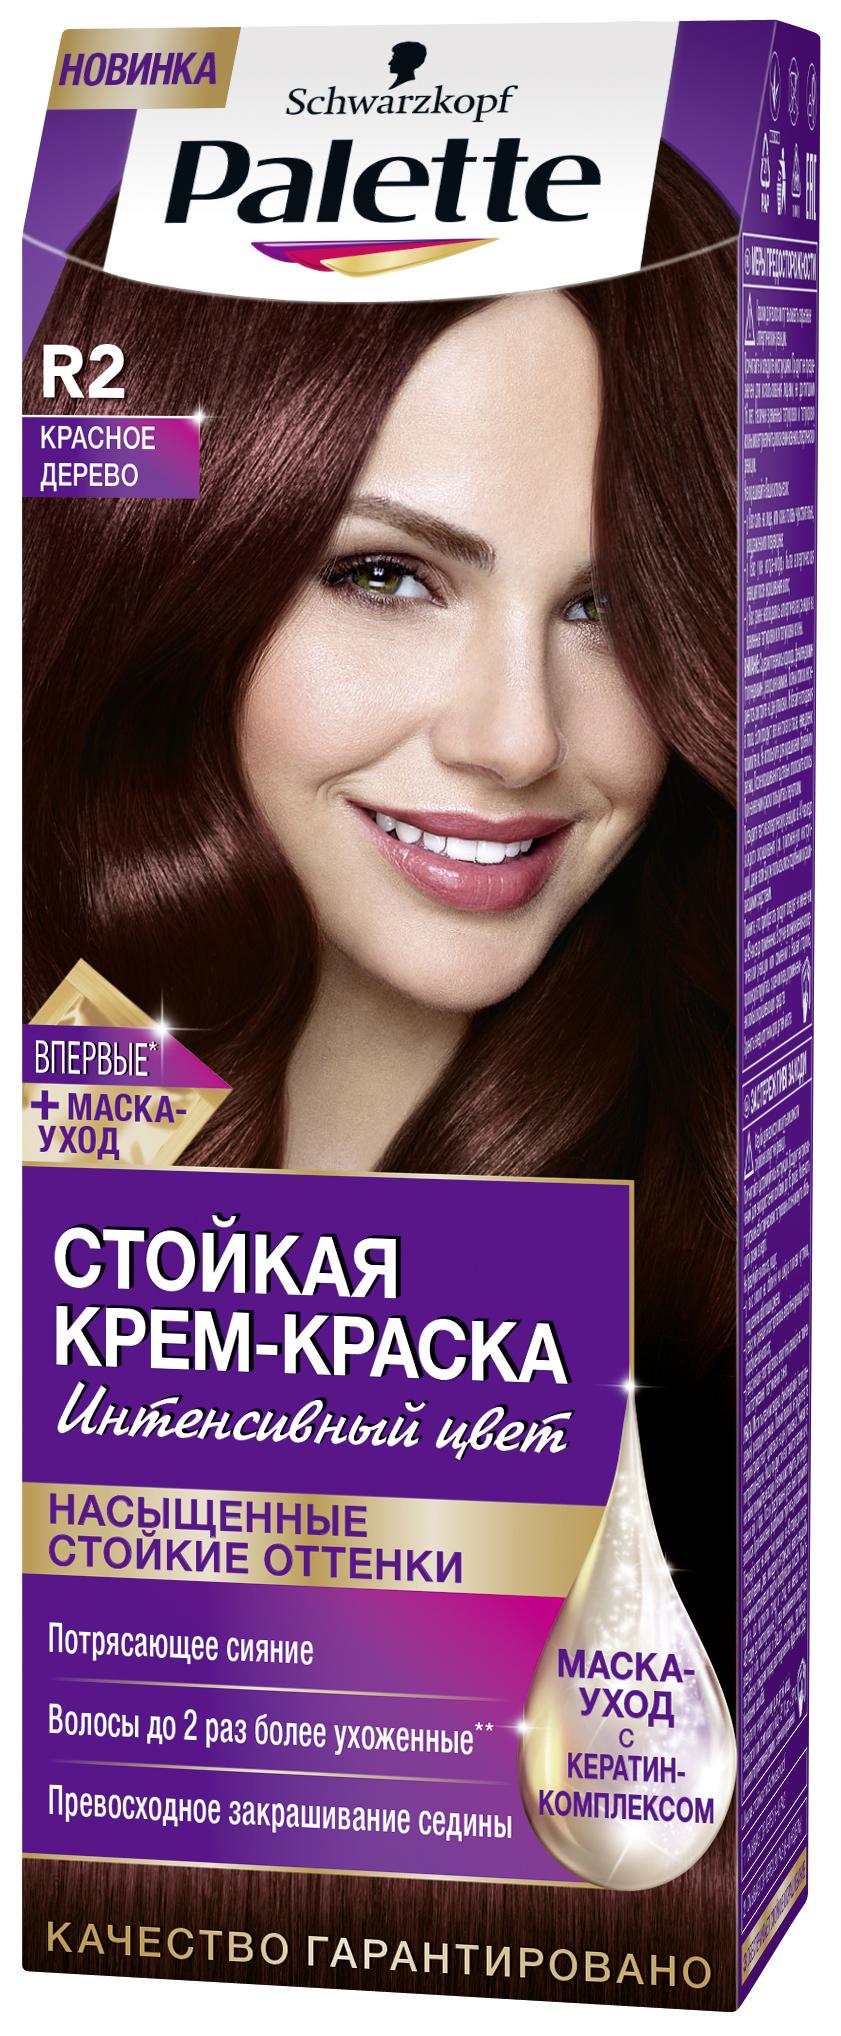 Palette Стойкая крем-краска R2 Красное дерево 110 мл0935223012Знаменитая краска для волос Palette при использовании тщательно окрашивает волосы, стойко сохраняет цвет, имеет множество разнообразных оттенков на любой, самый взыскательный, вкус.